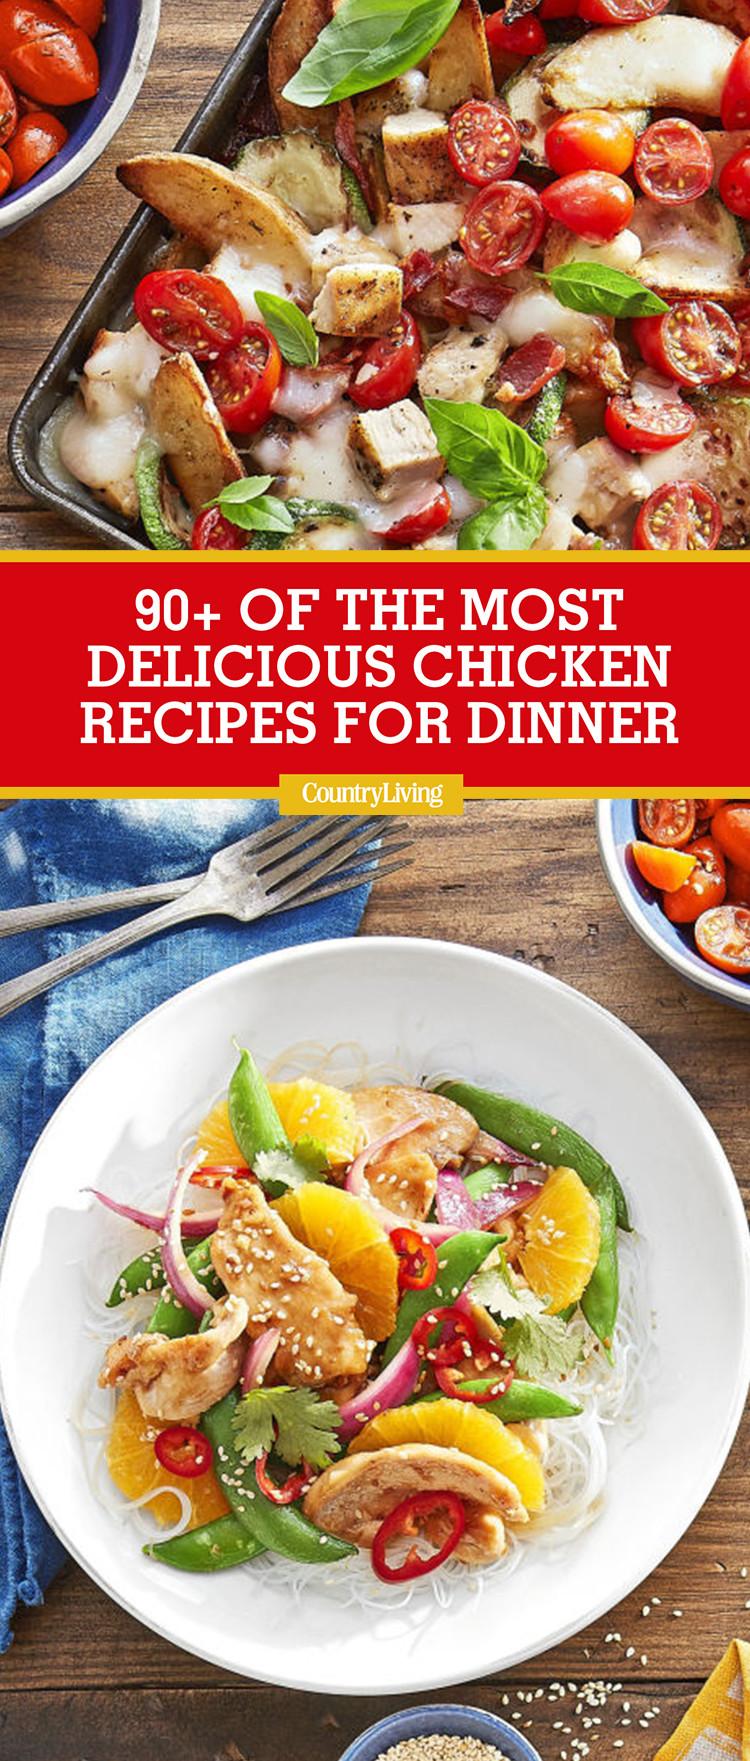 Easy Chicken Dinners  93 Best Chicken Dinner Recipes 2017 Top Easy Chicken